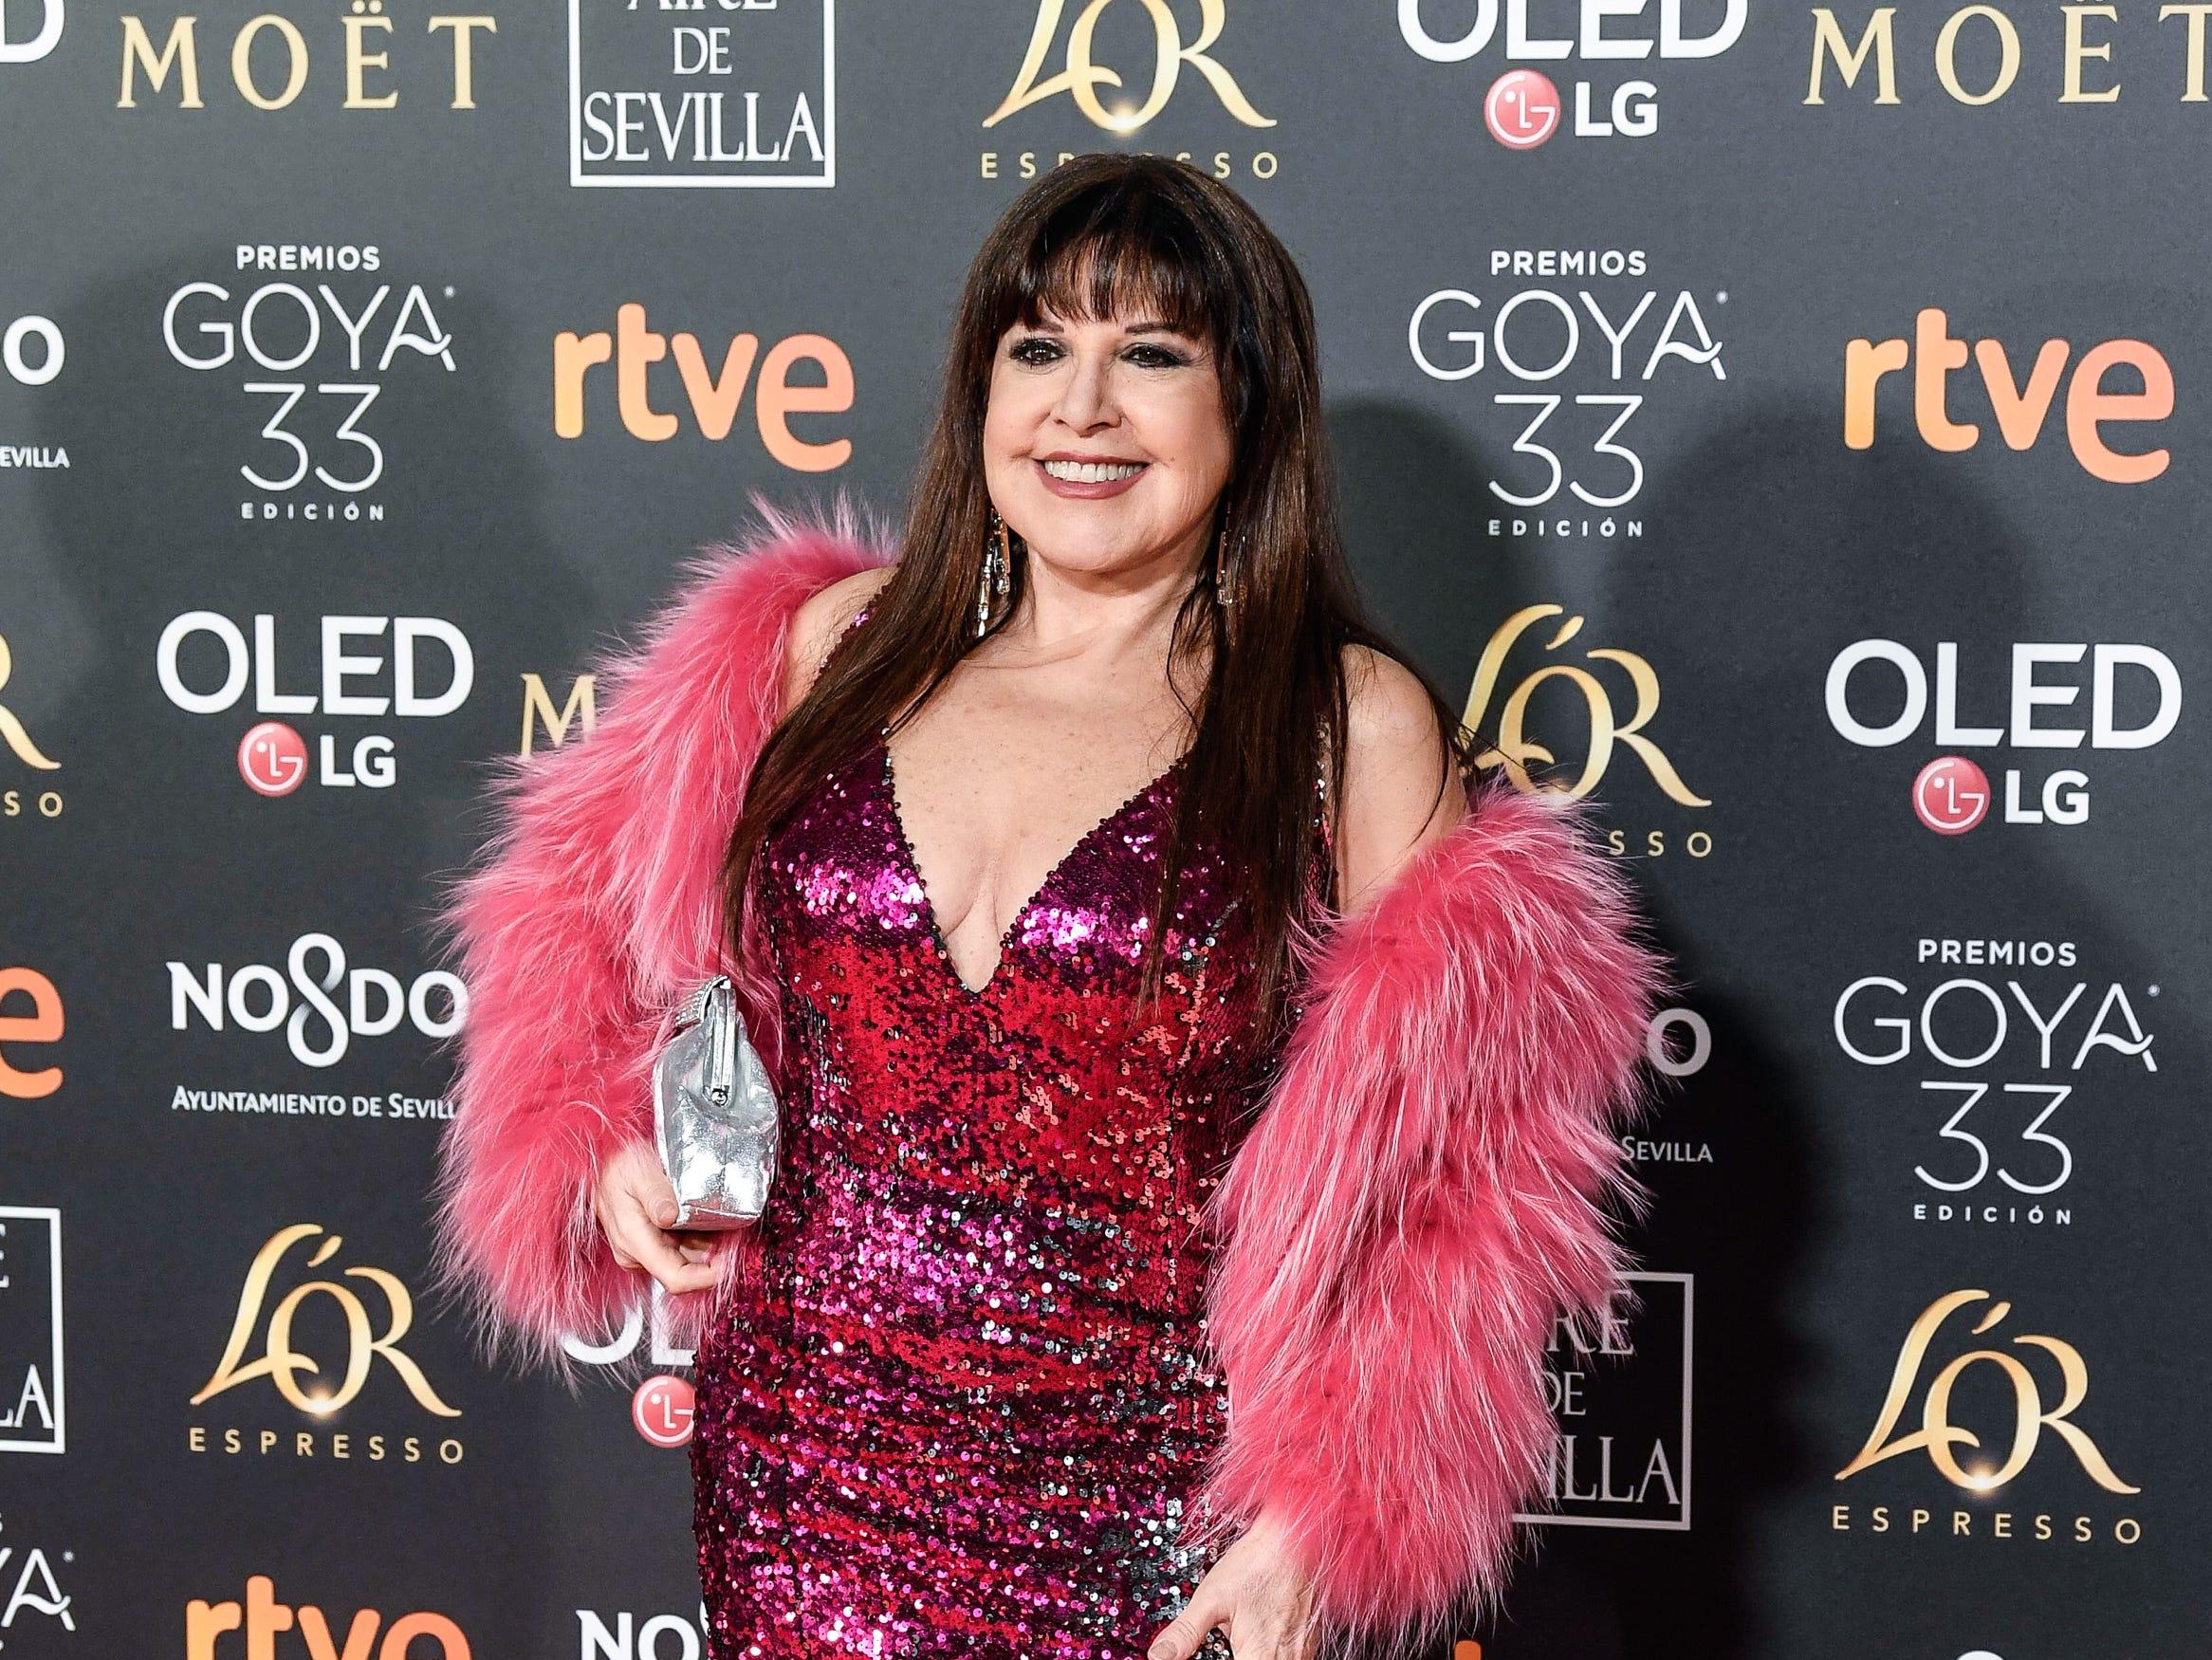 Loles León asiste a la 33ª edición de los Premios de Cine Goya en el Palacio de Congresos y Exposiciones FIBES el 2 de febrero de 2019 en Sevilla, España.